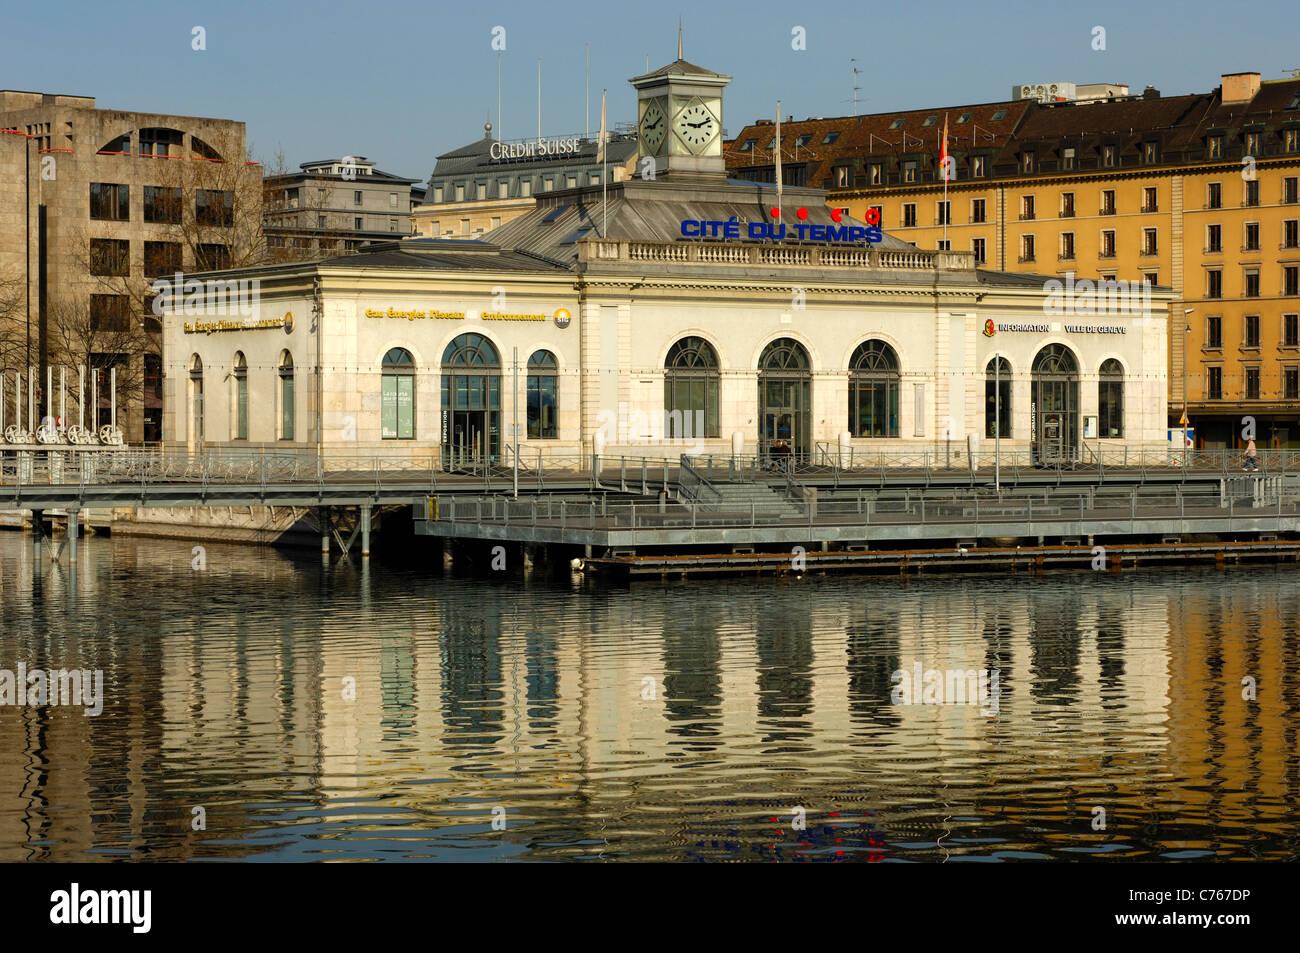 Exhibition center Cité du Temps on the bridge Pont de la machine, Geneva, Switzerland - Stock Image